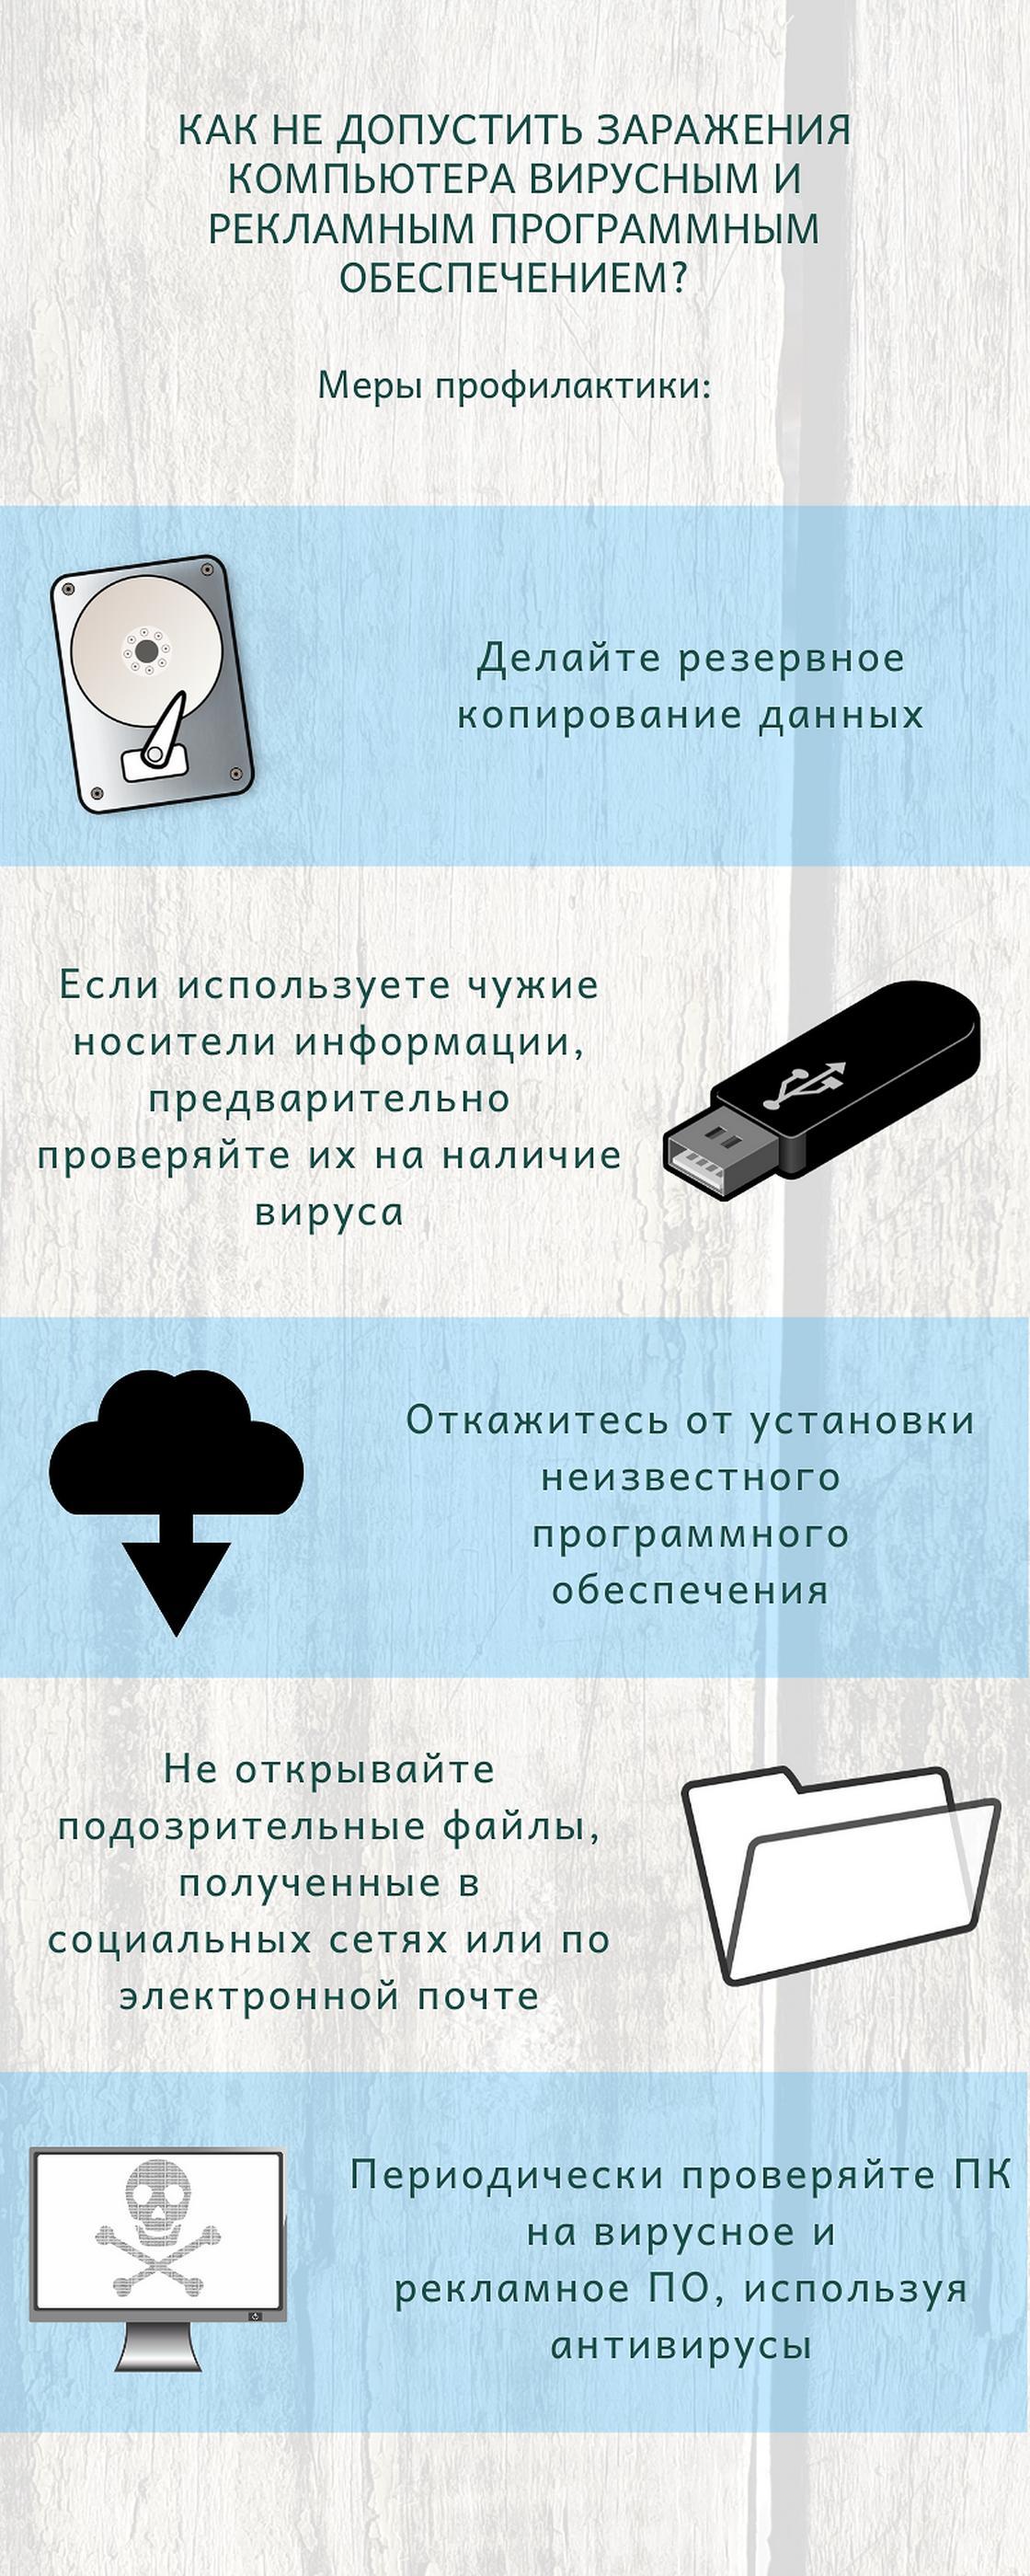 Как не допустить заражения компьютера